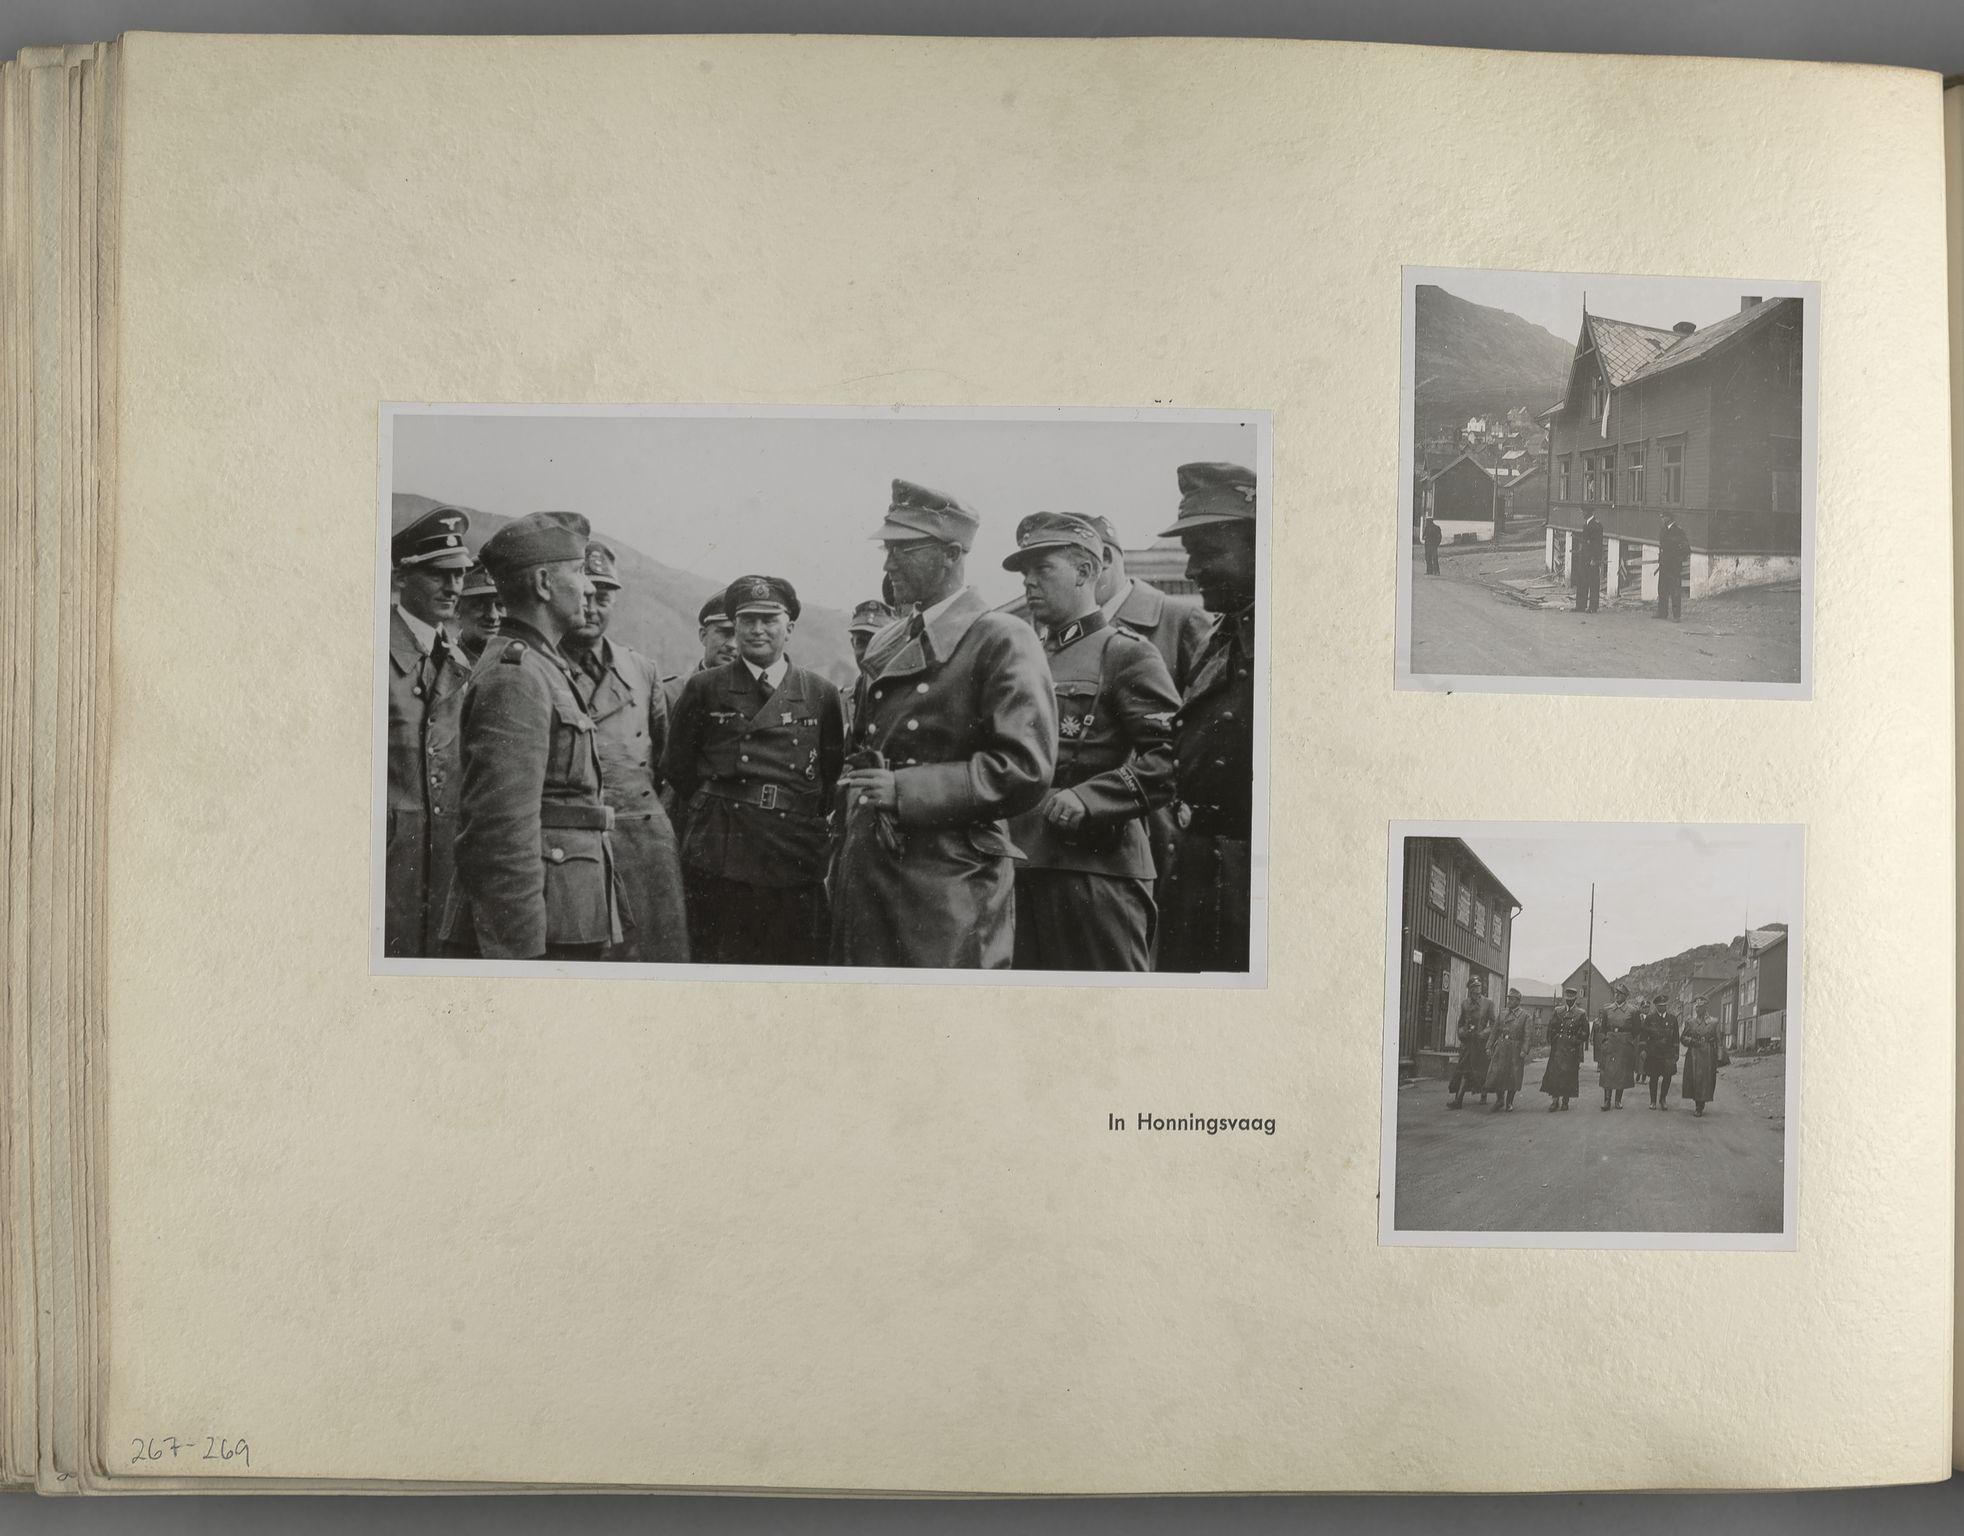 RA, Tyske arkiver, Reichskommissariat, Bildarchiv, U/L0071: Fotoalbum: Mit dem Reichskommissar nach Nordnorwegen und Finnland 10. bis 27. Juli 1942, 1942, s. 106